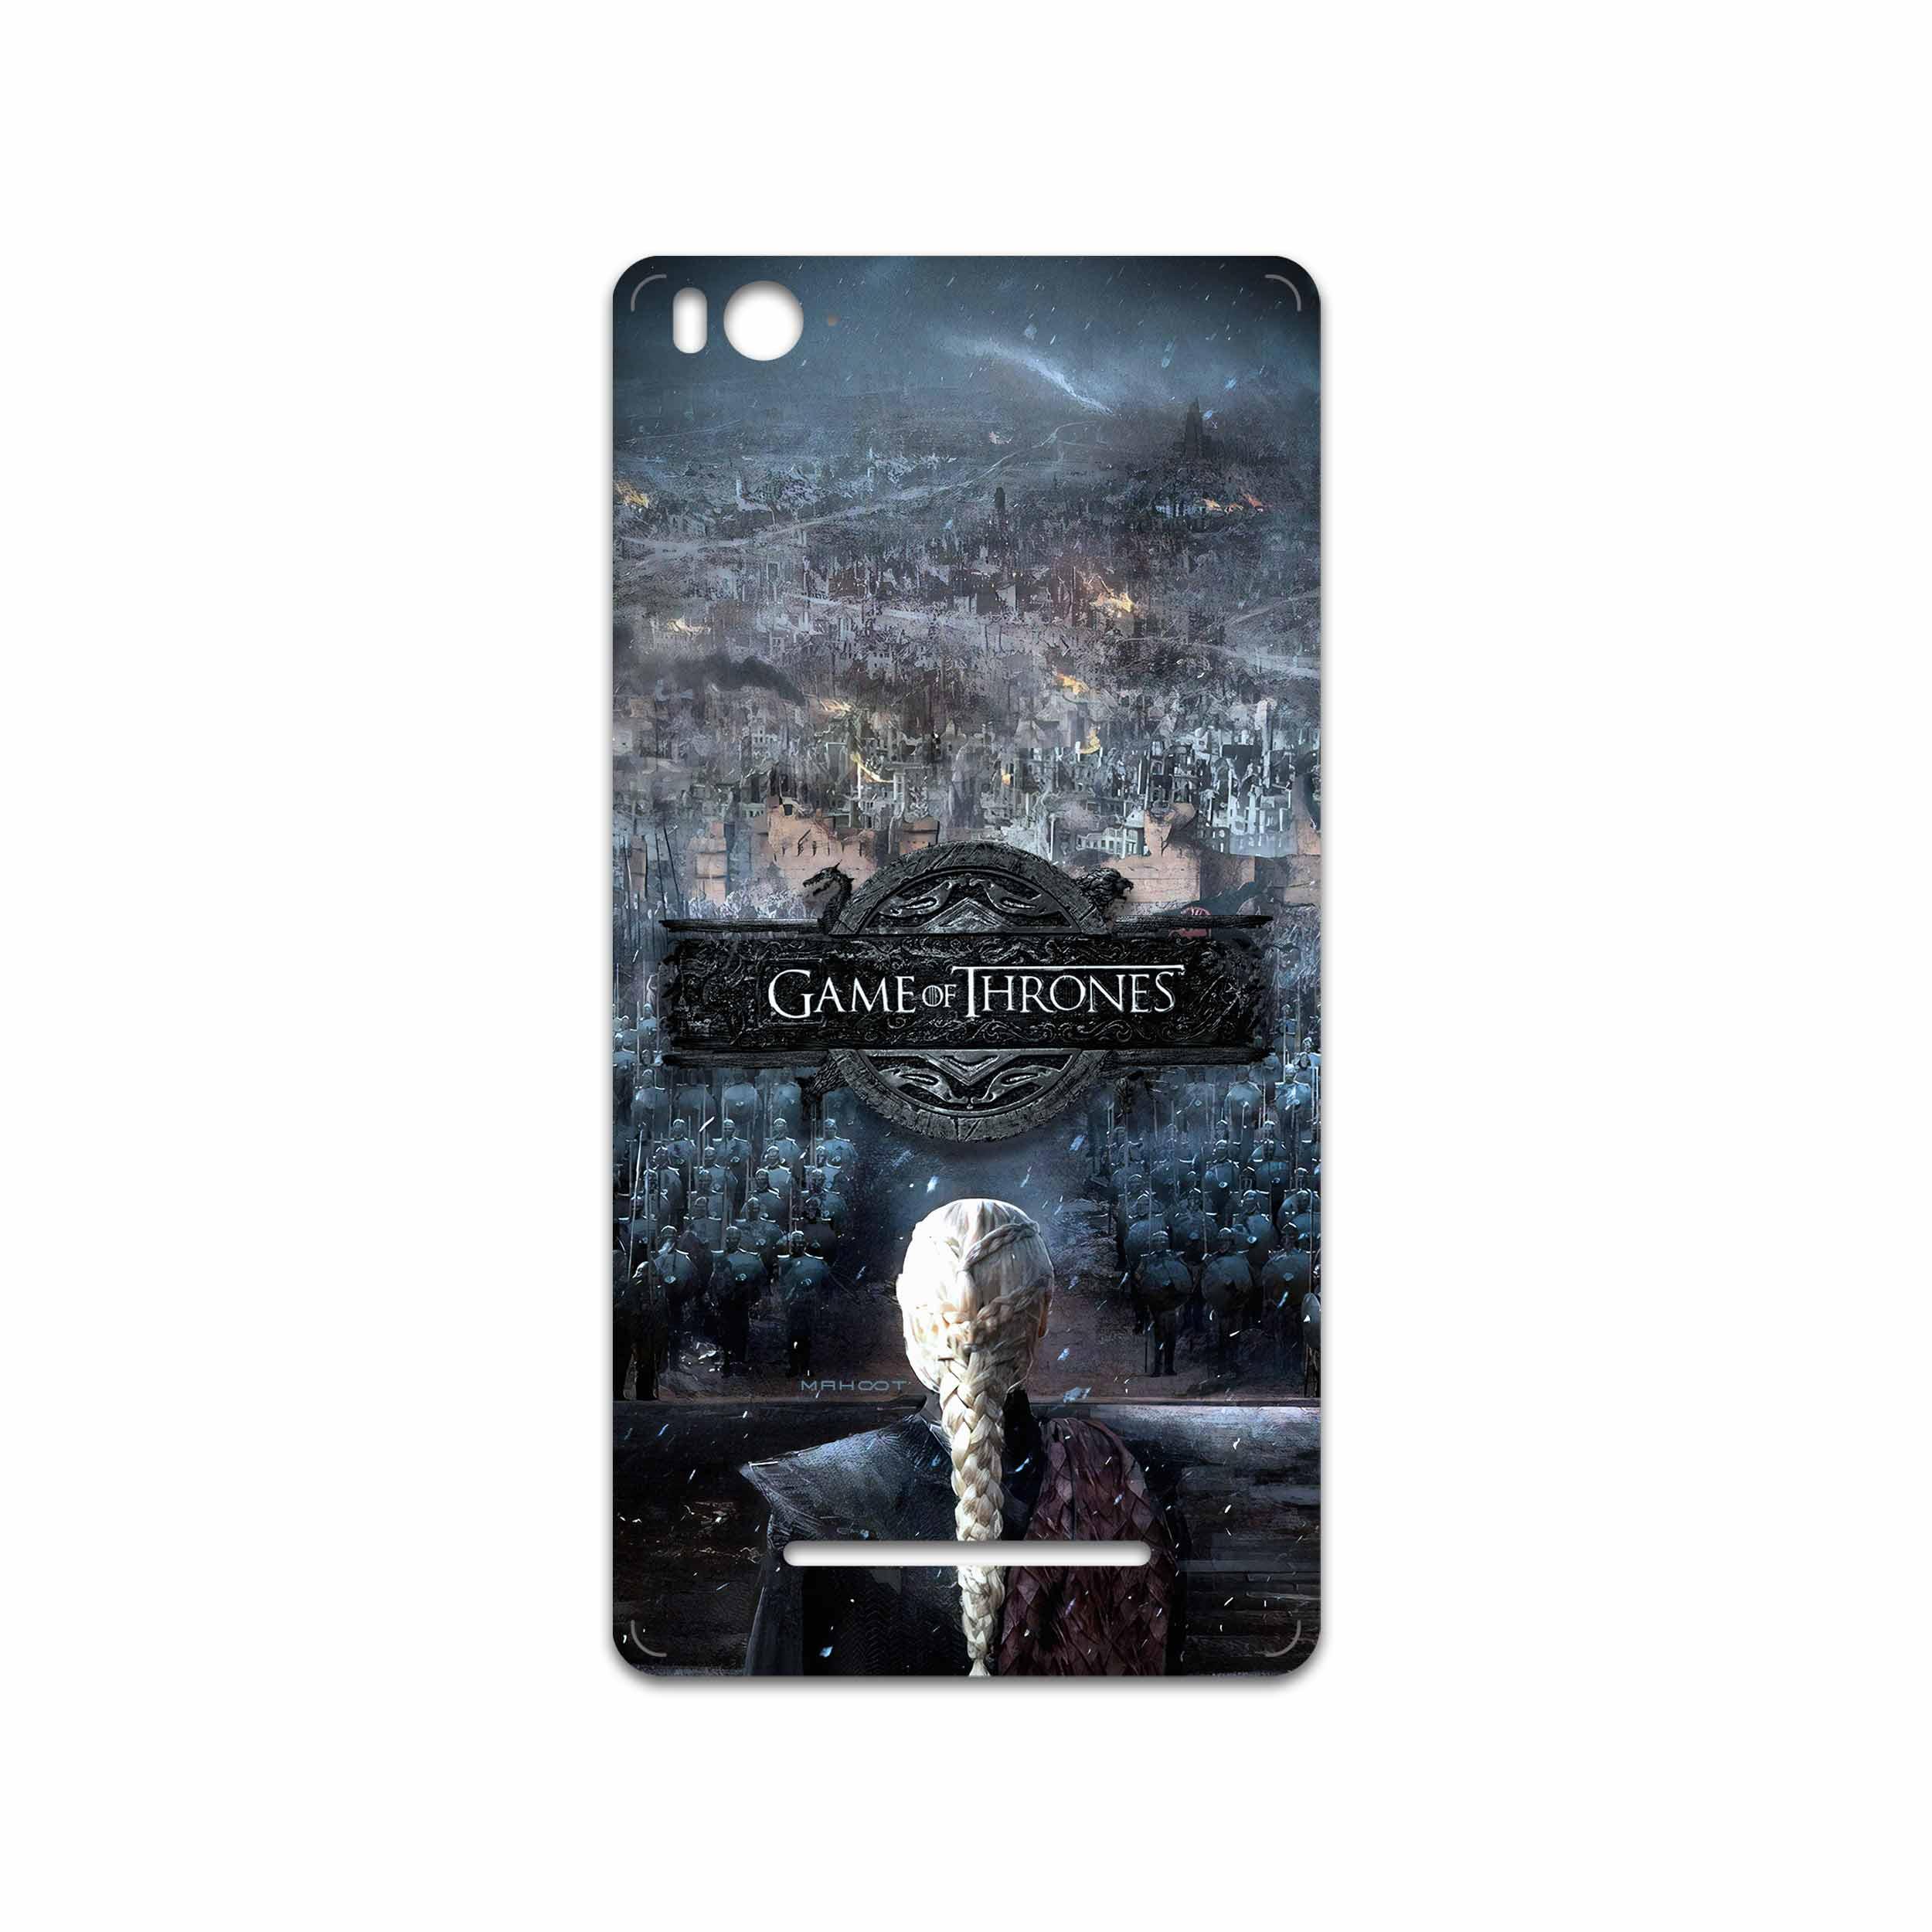 برچسب پوششی ماهوت مدل Game of Thrones مناسب برای گوشی موبایل شیائومی Mi 4i